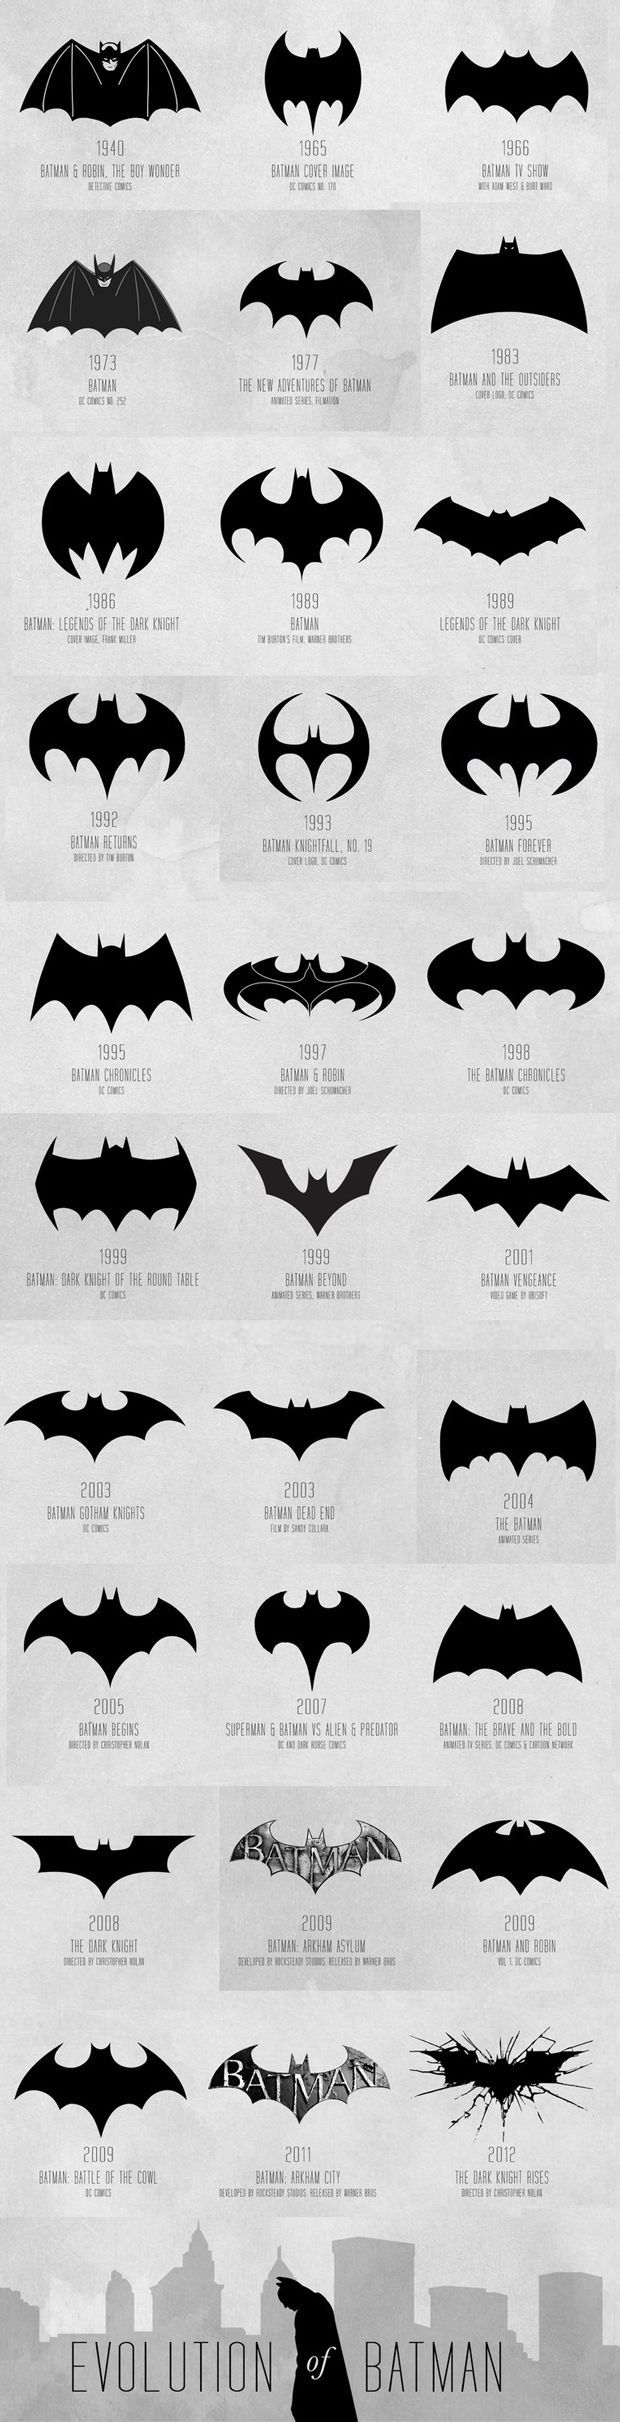 La evolución de los logos de Batman < Guerra Creativa